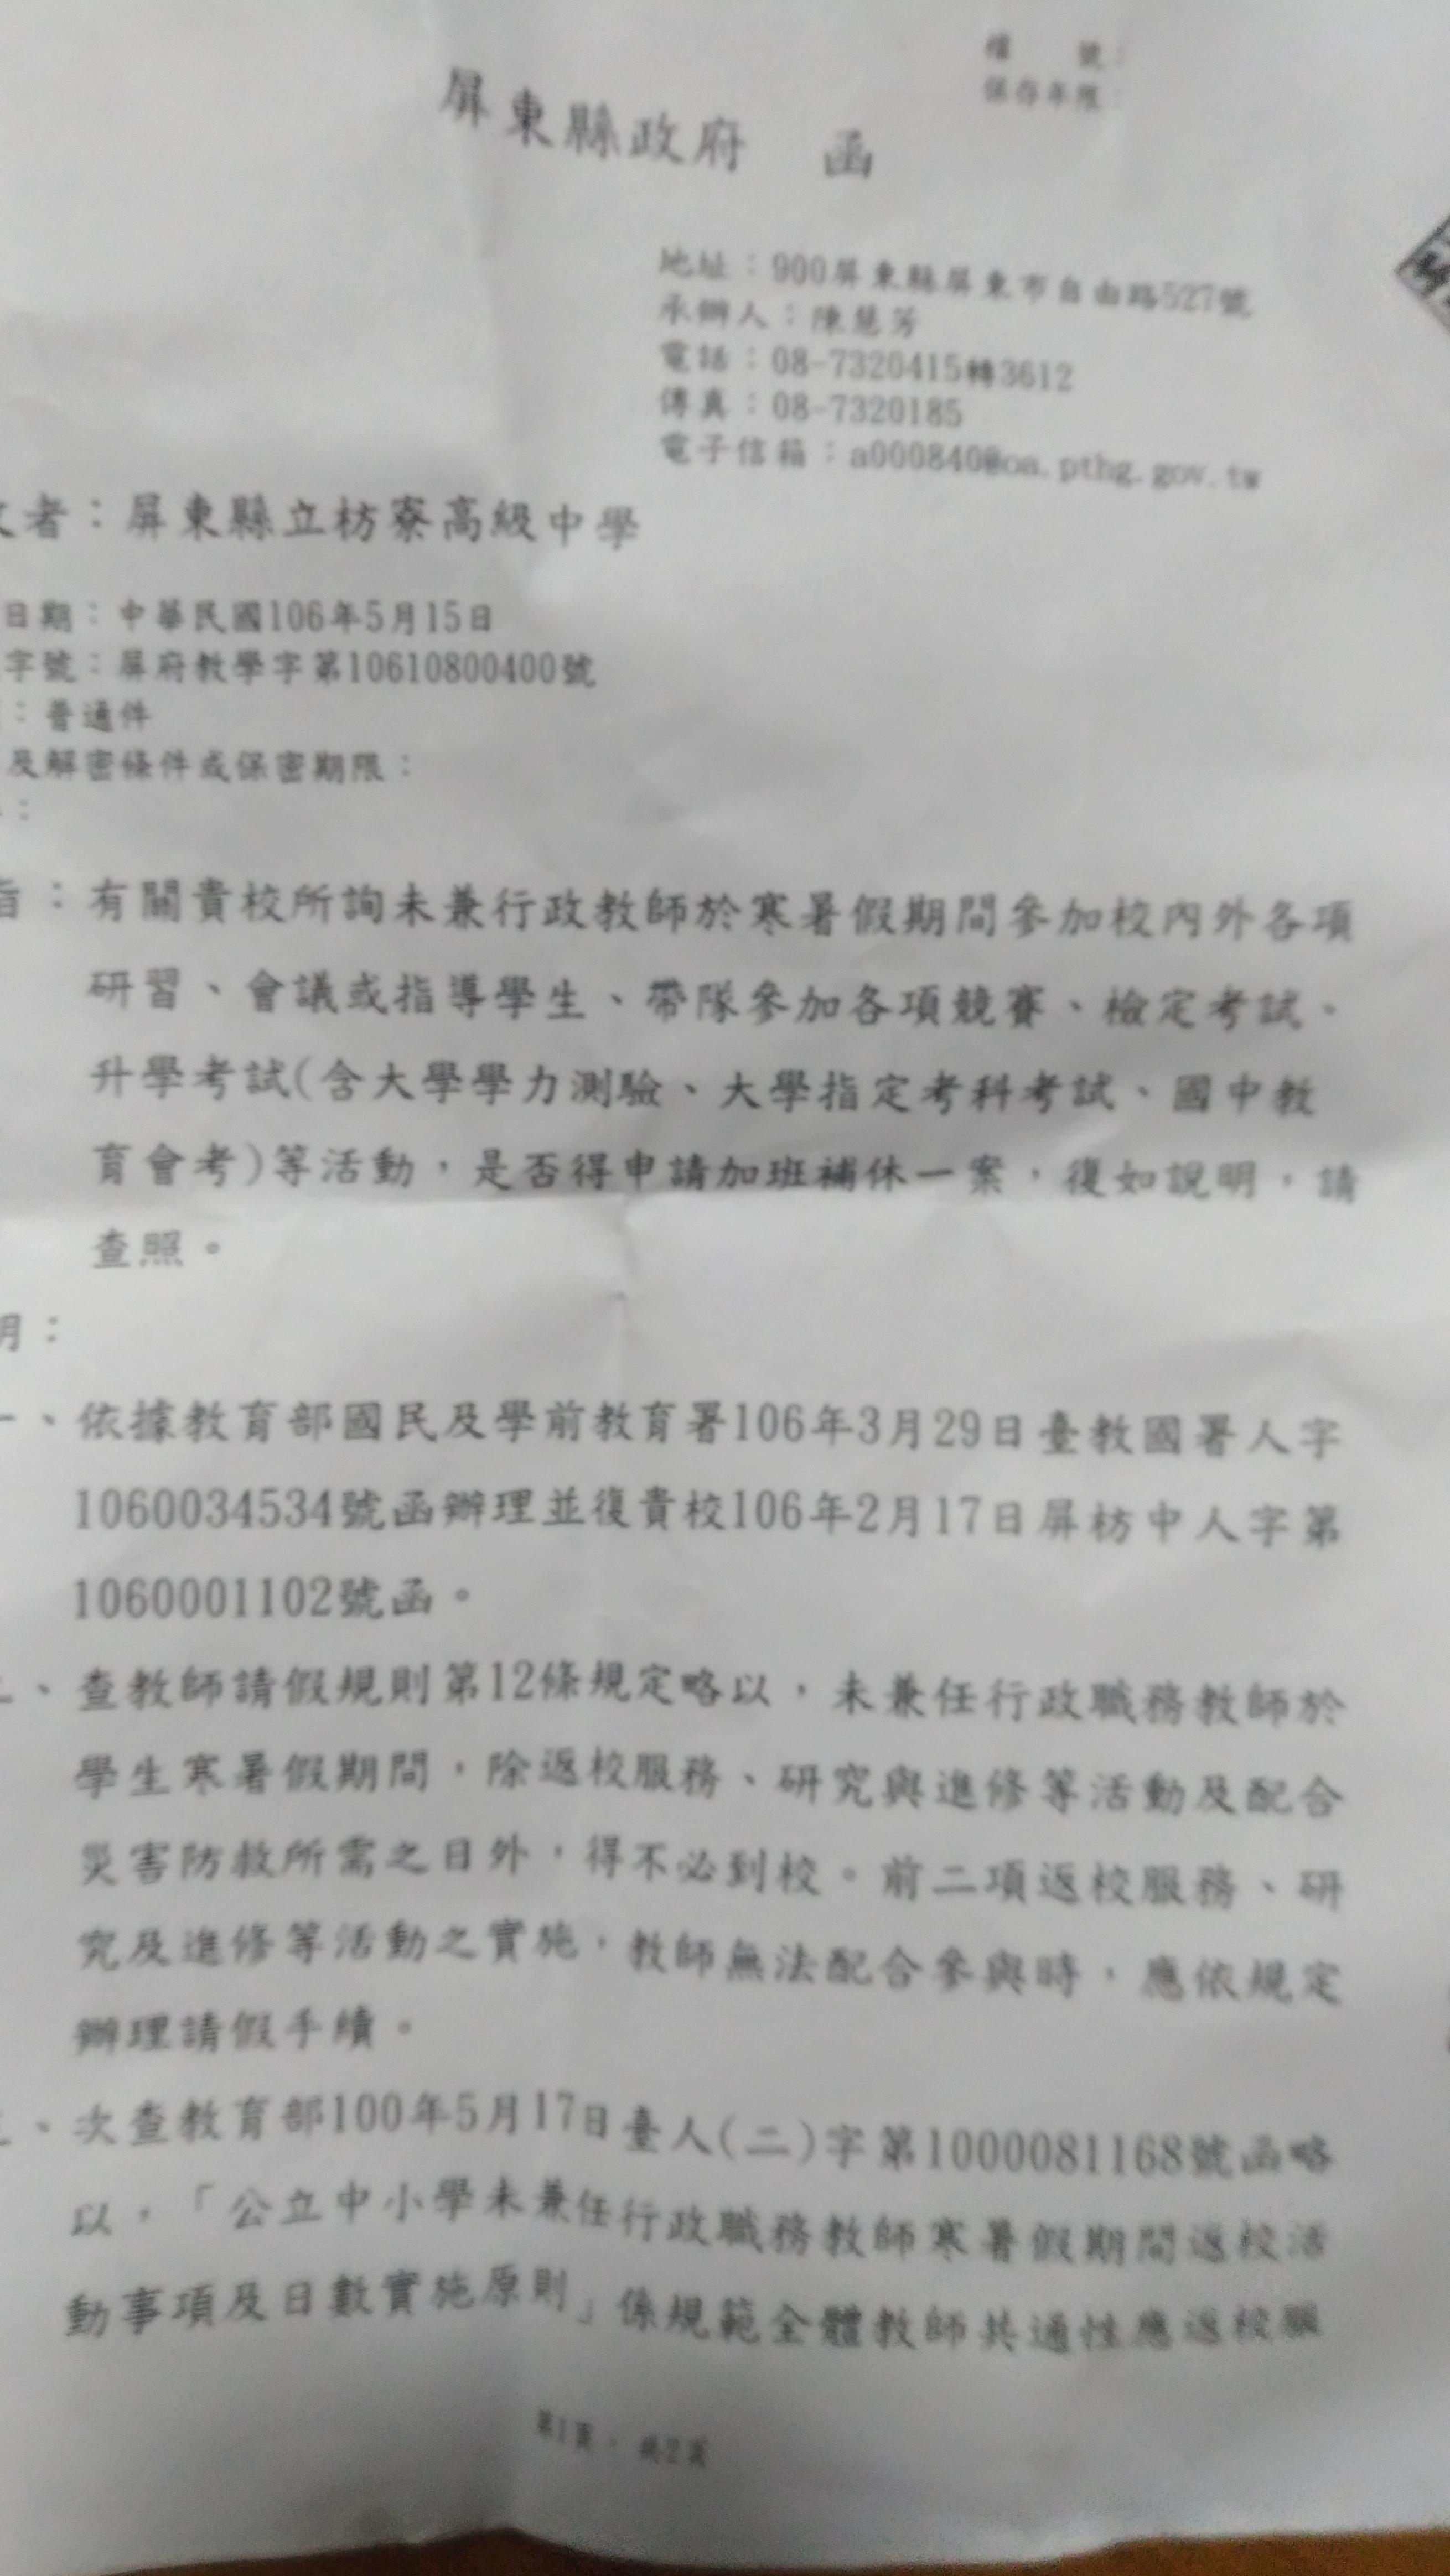 Re: [新聞] 寒暑假不是教師的假期